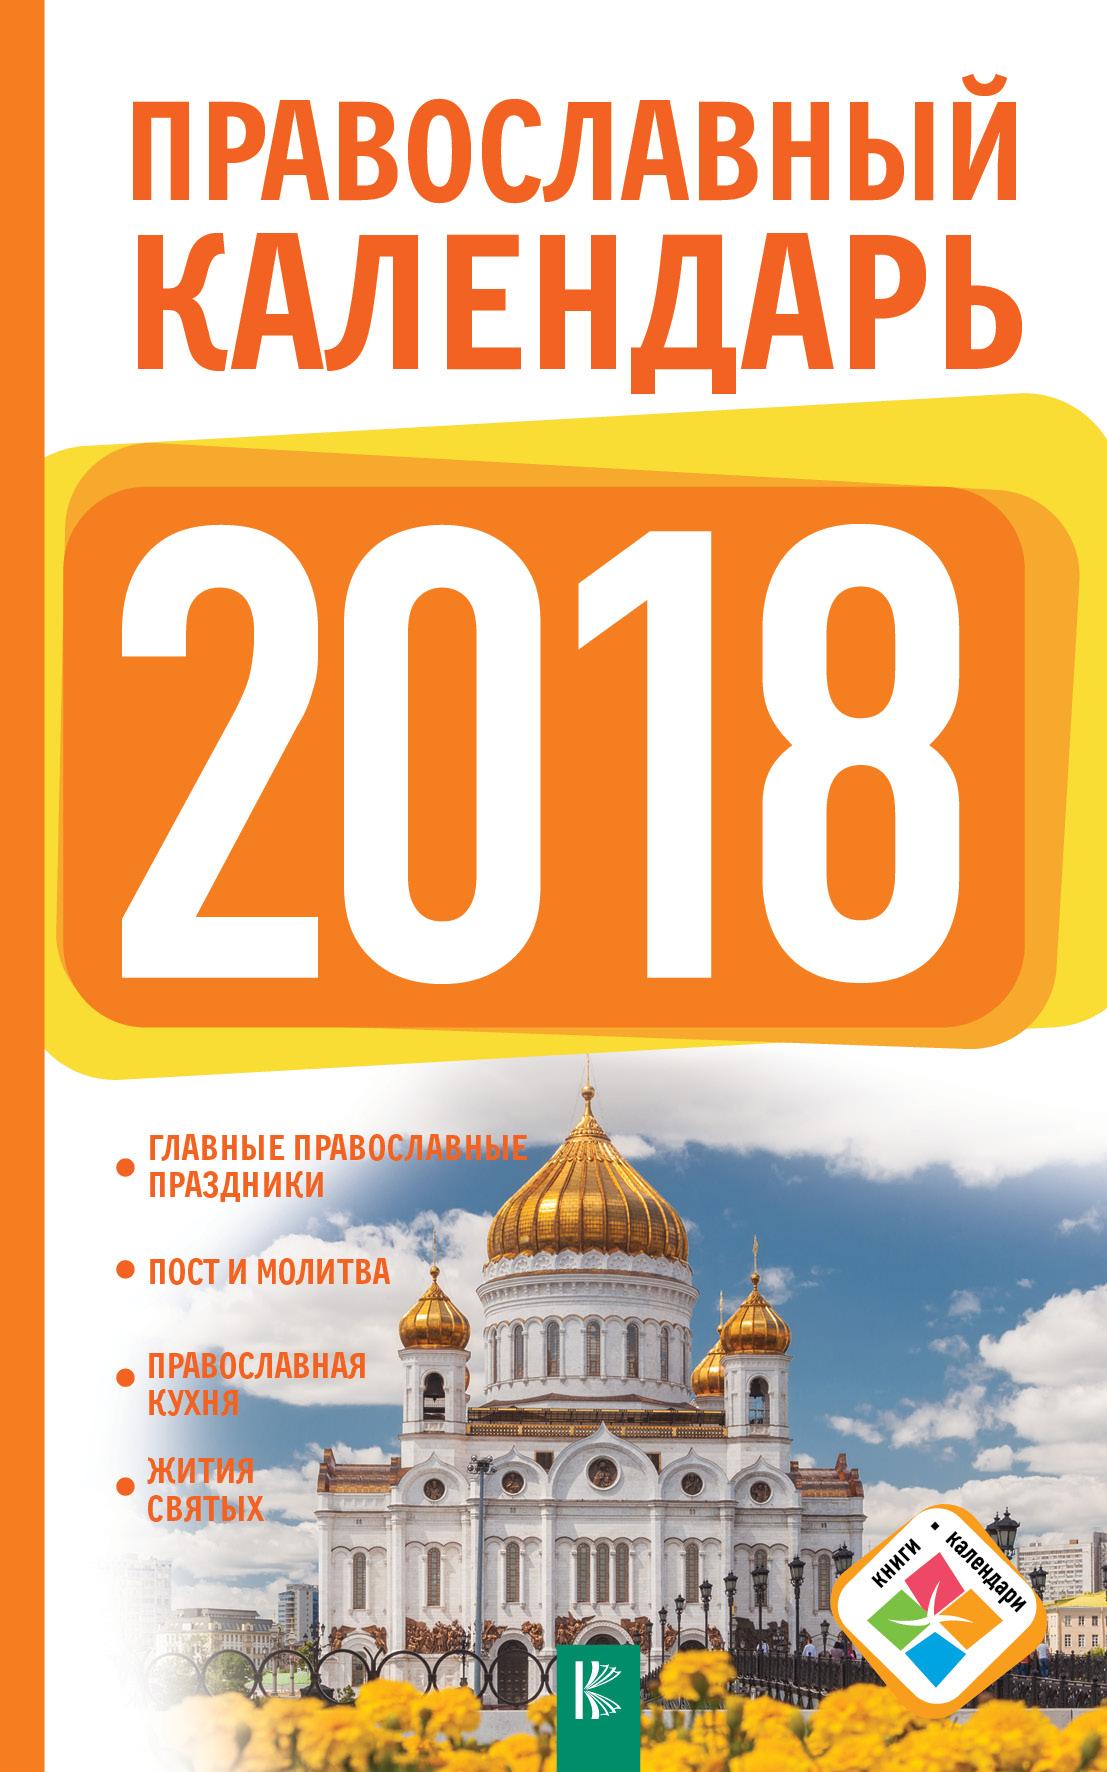 Хорсанд Д.В. Православный календарь на 2018 год